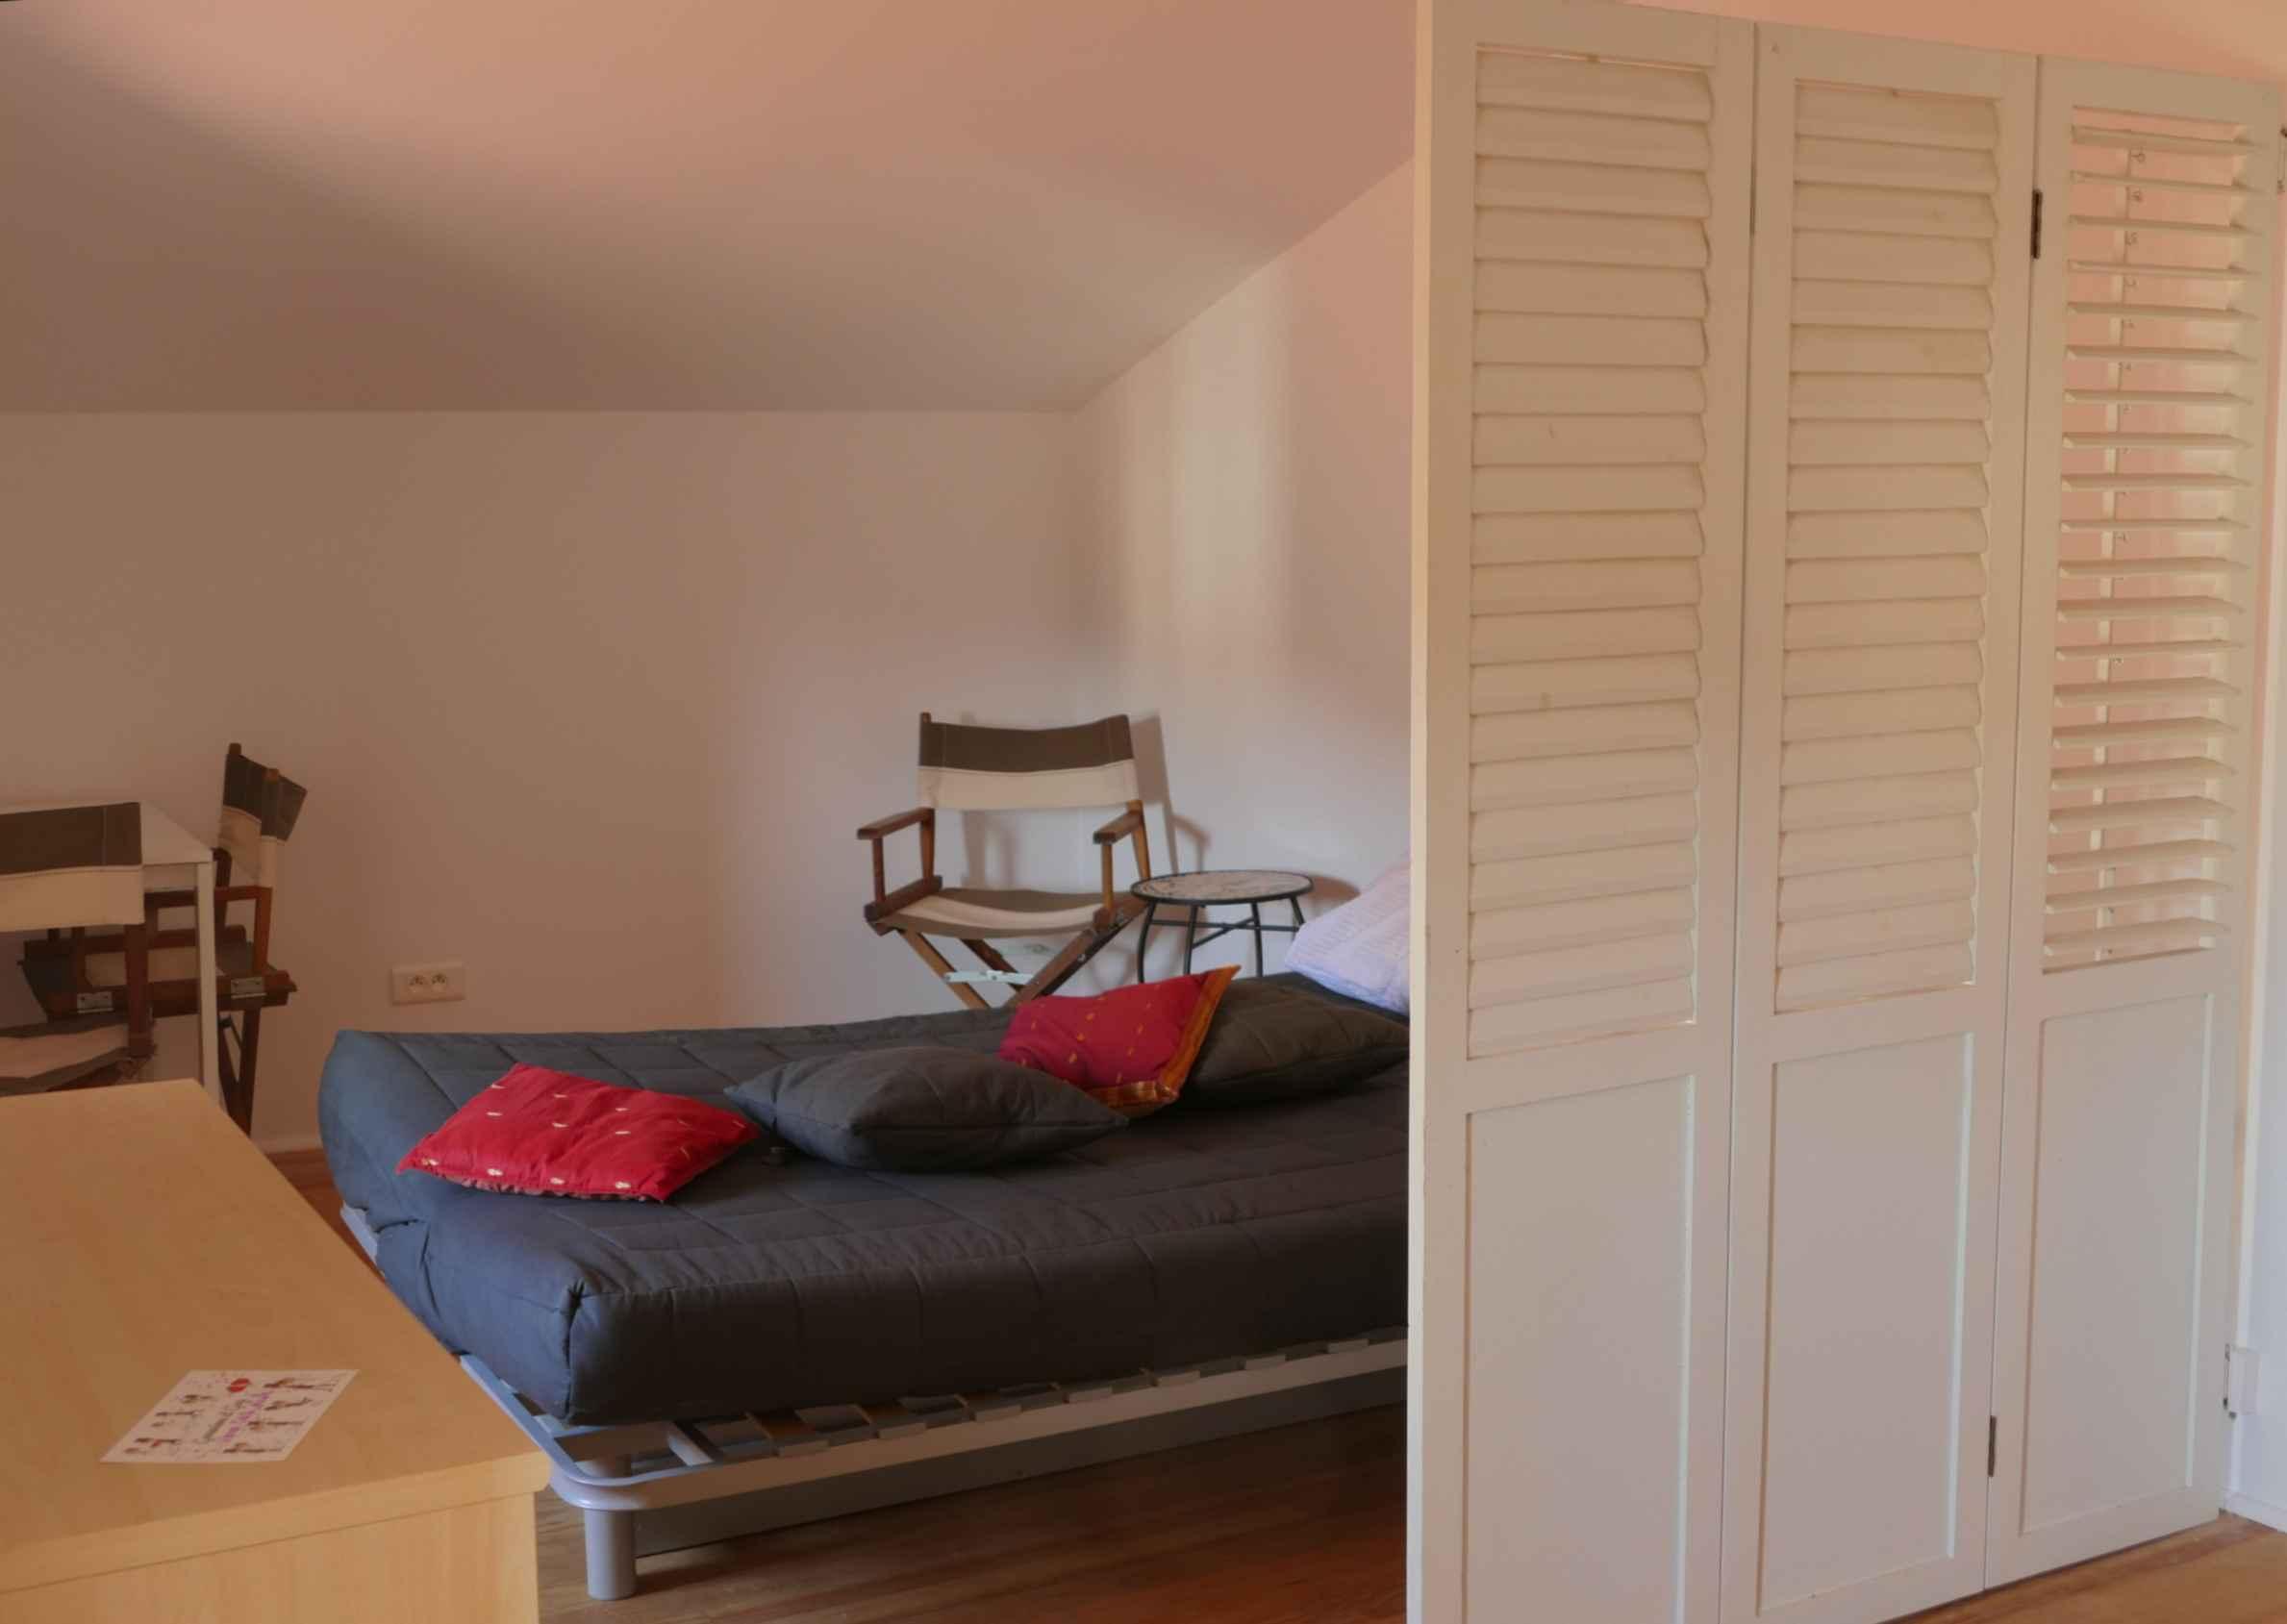 Le canapé-lit déployé dans la chambre de jeux